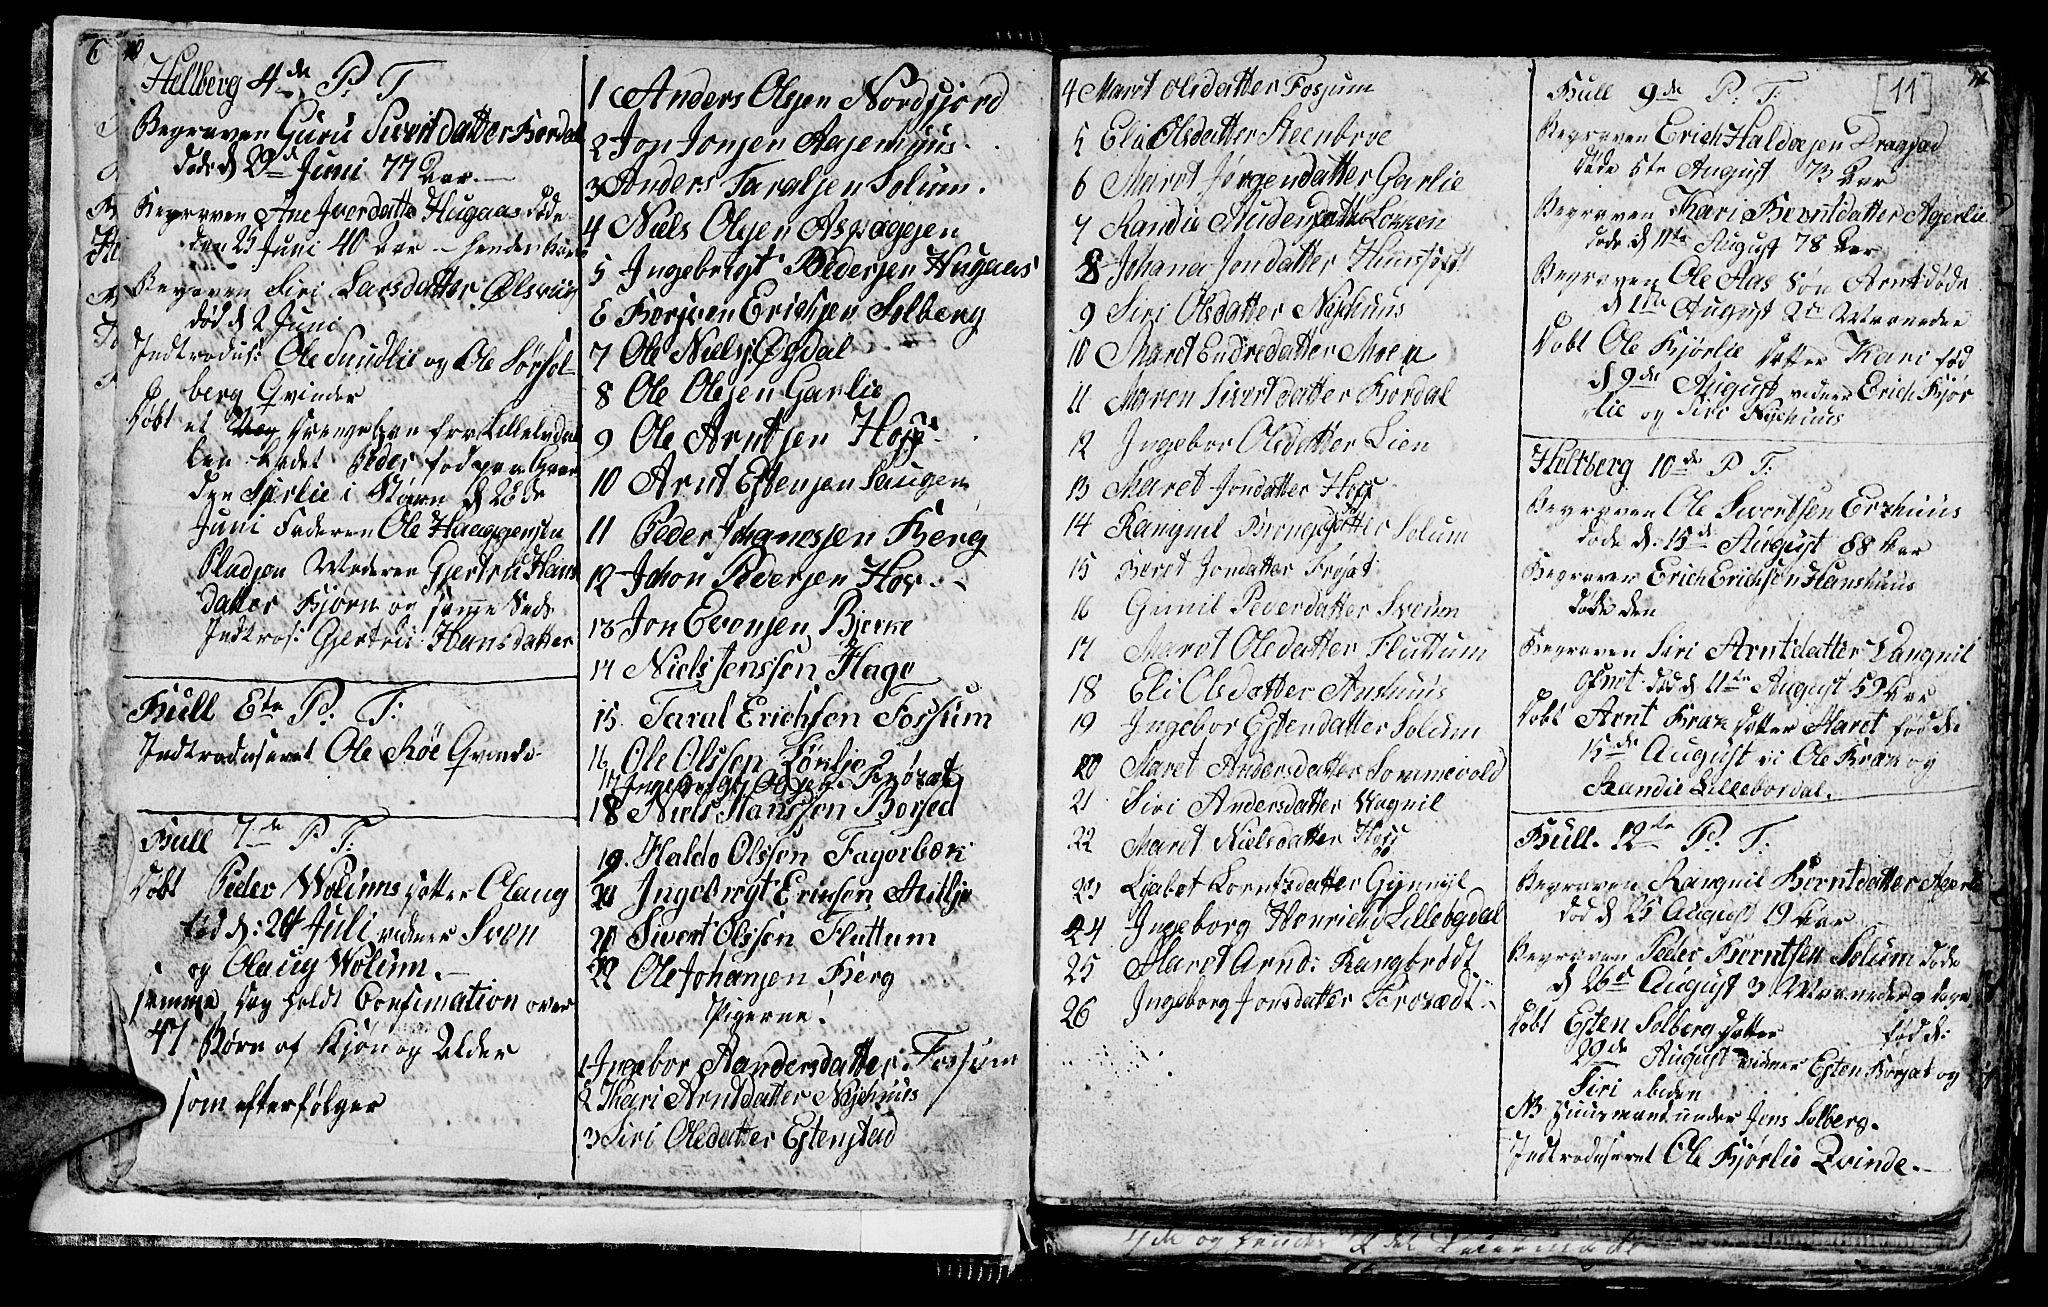 SAT, Ministerialprotokoller, klokkerbøker og fødselsregistre - Sør-Trøndelag, 689/L1042: Klokkerbok nr. 689C01, 1812-1841, s. 10-11